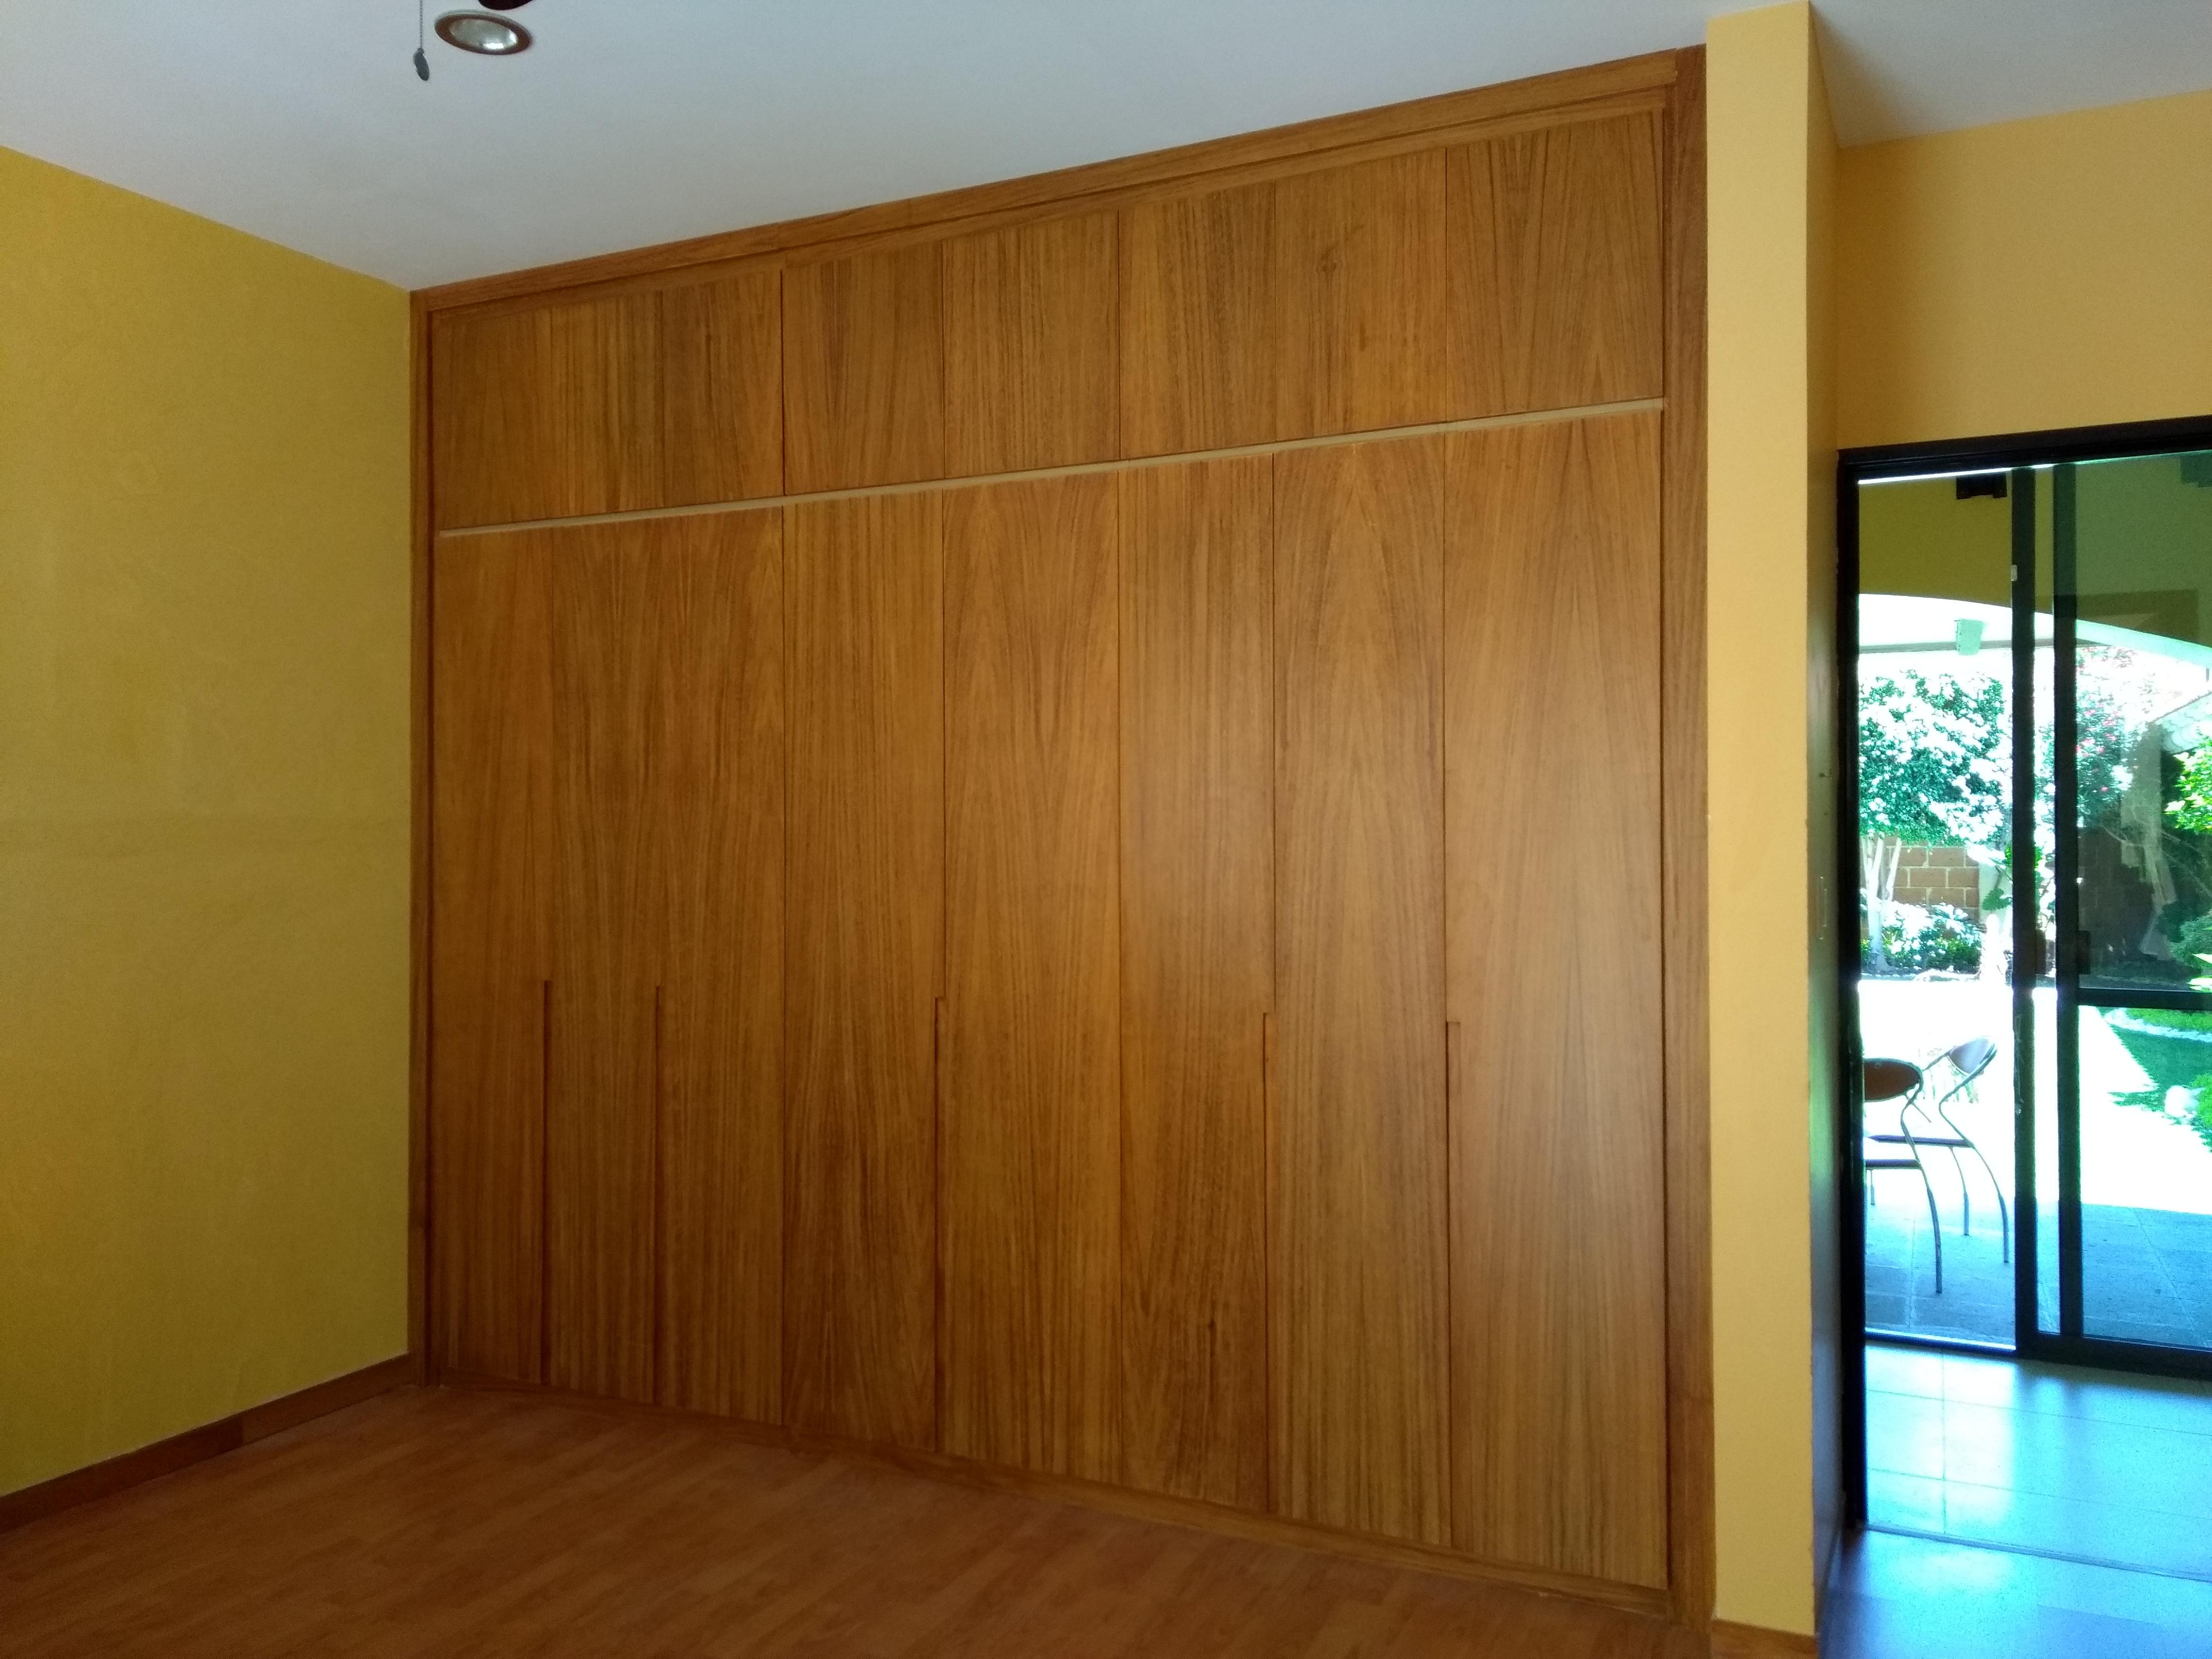 closet parota (recidencial)